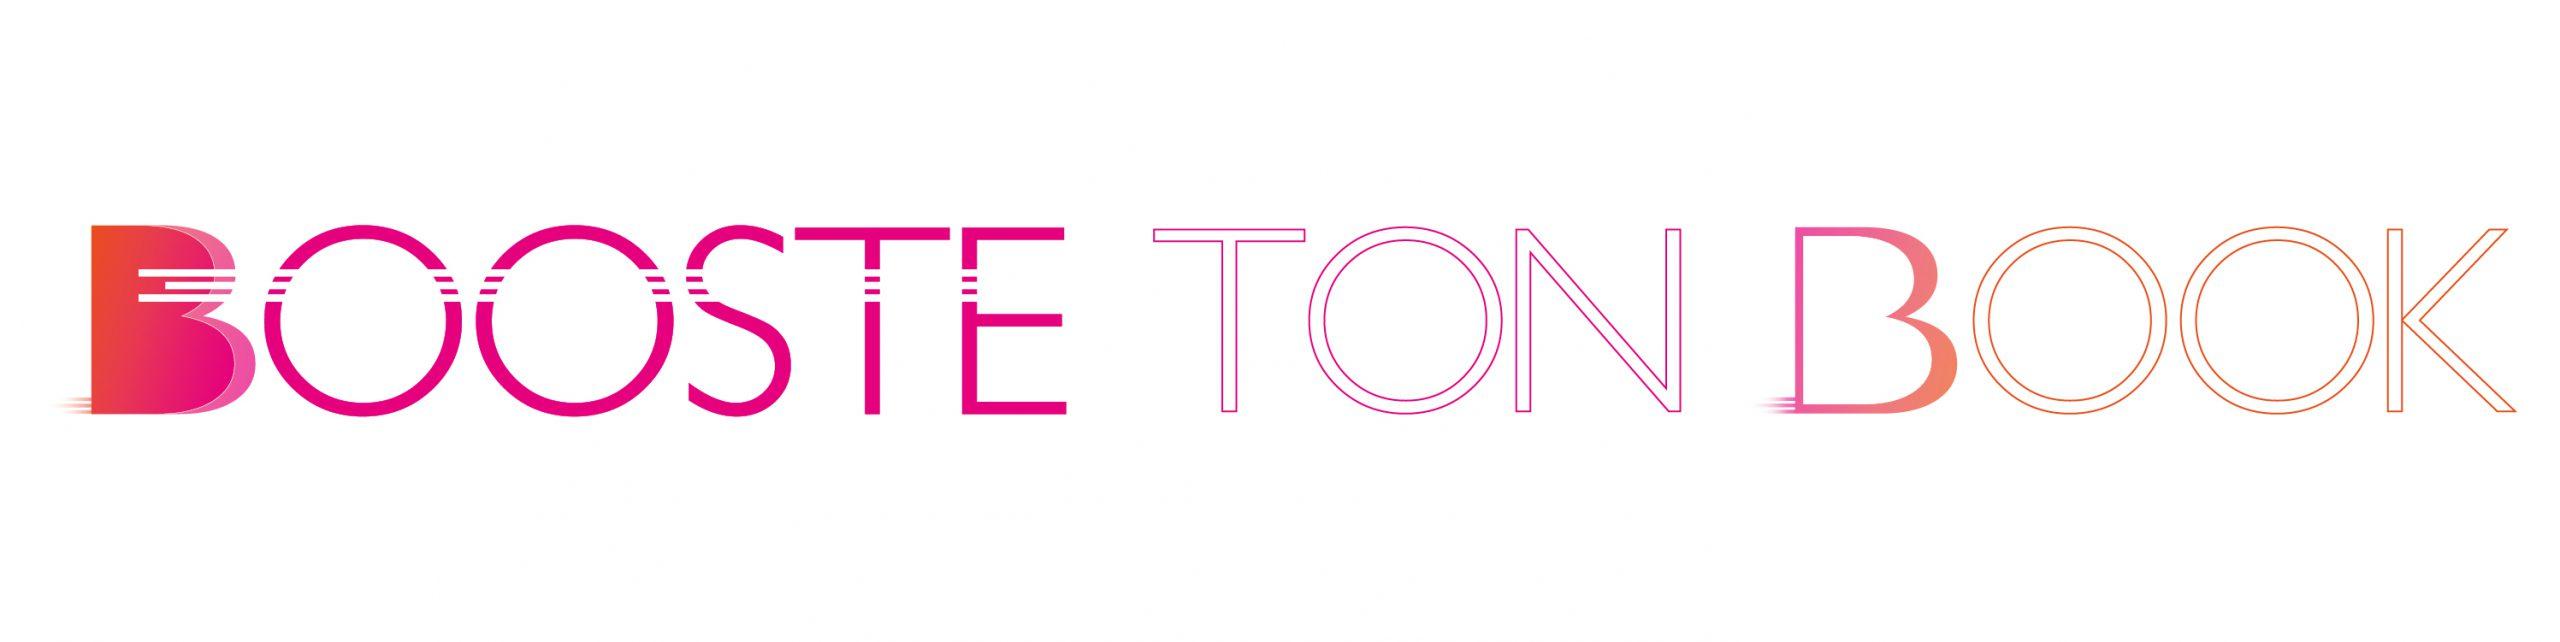 Logo de Booste ton book